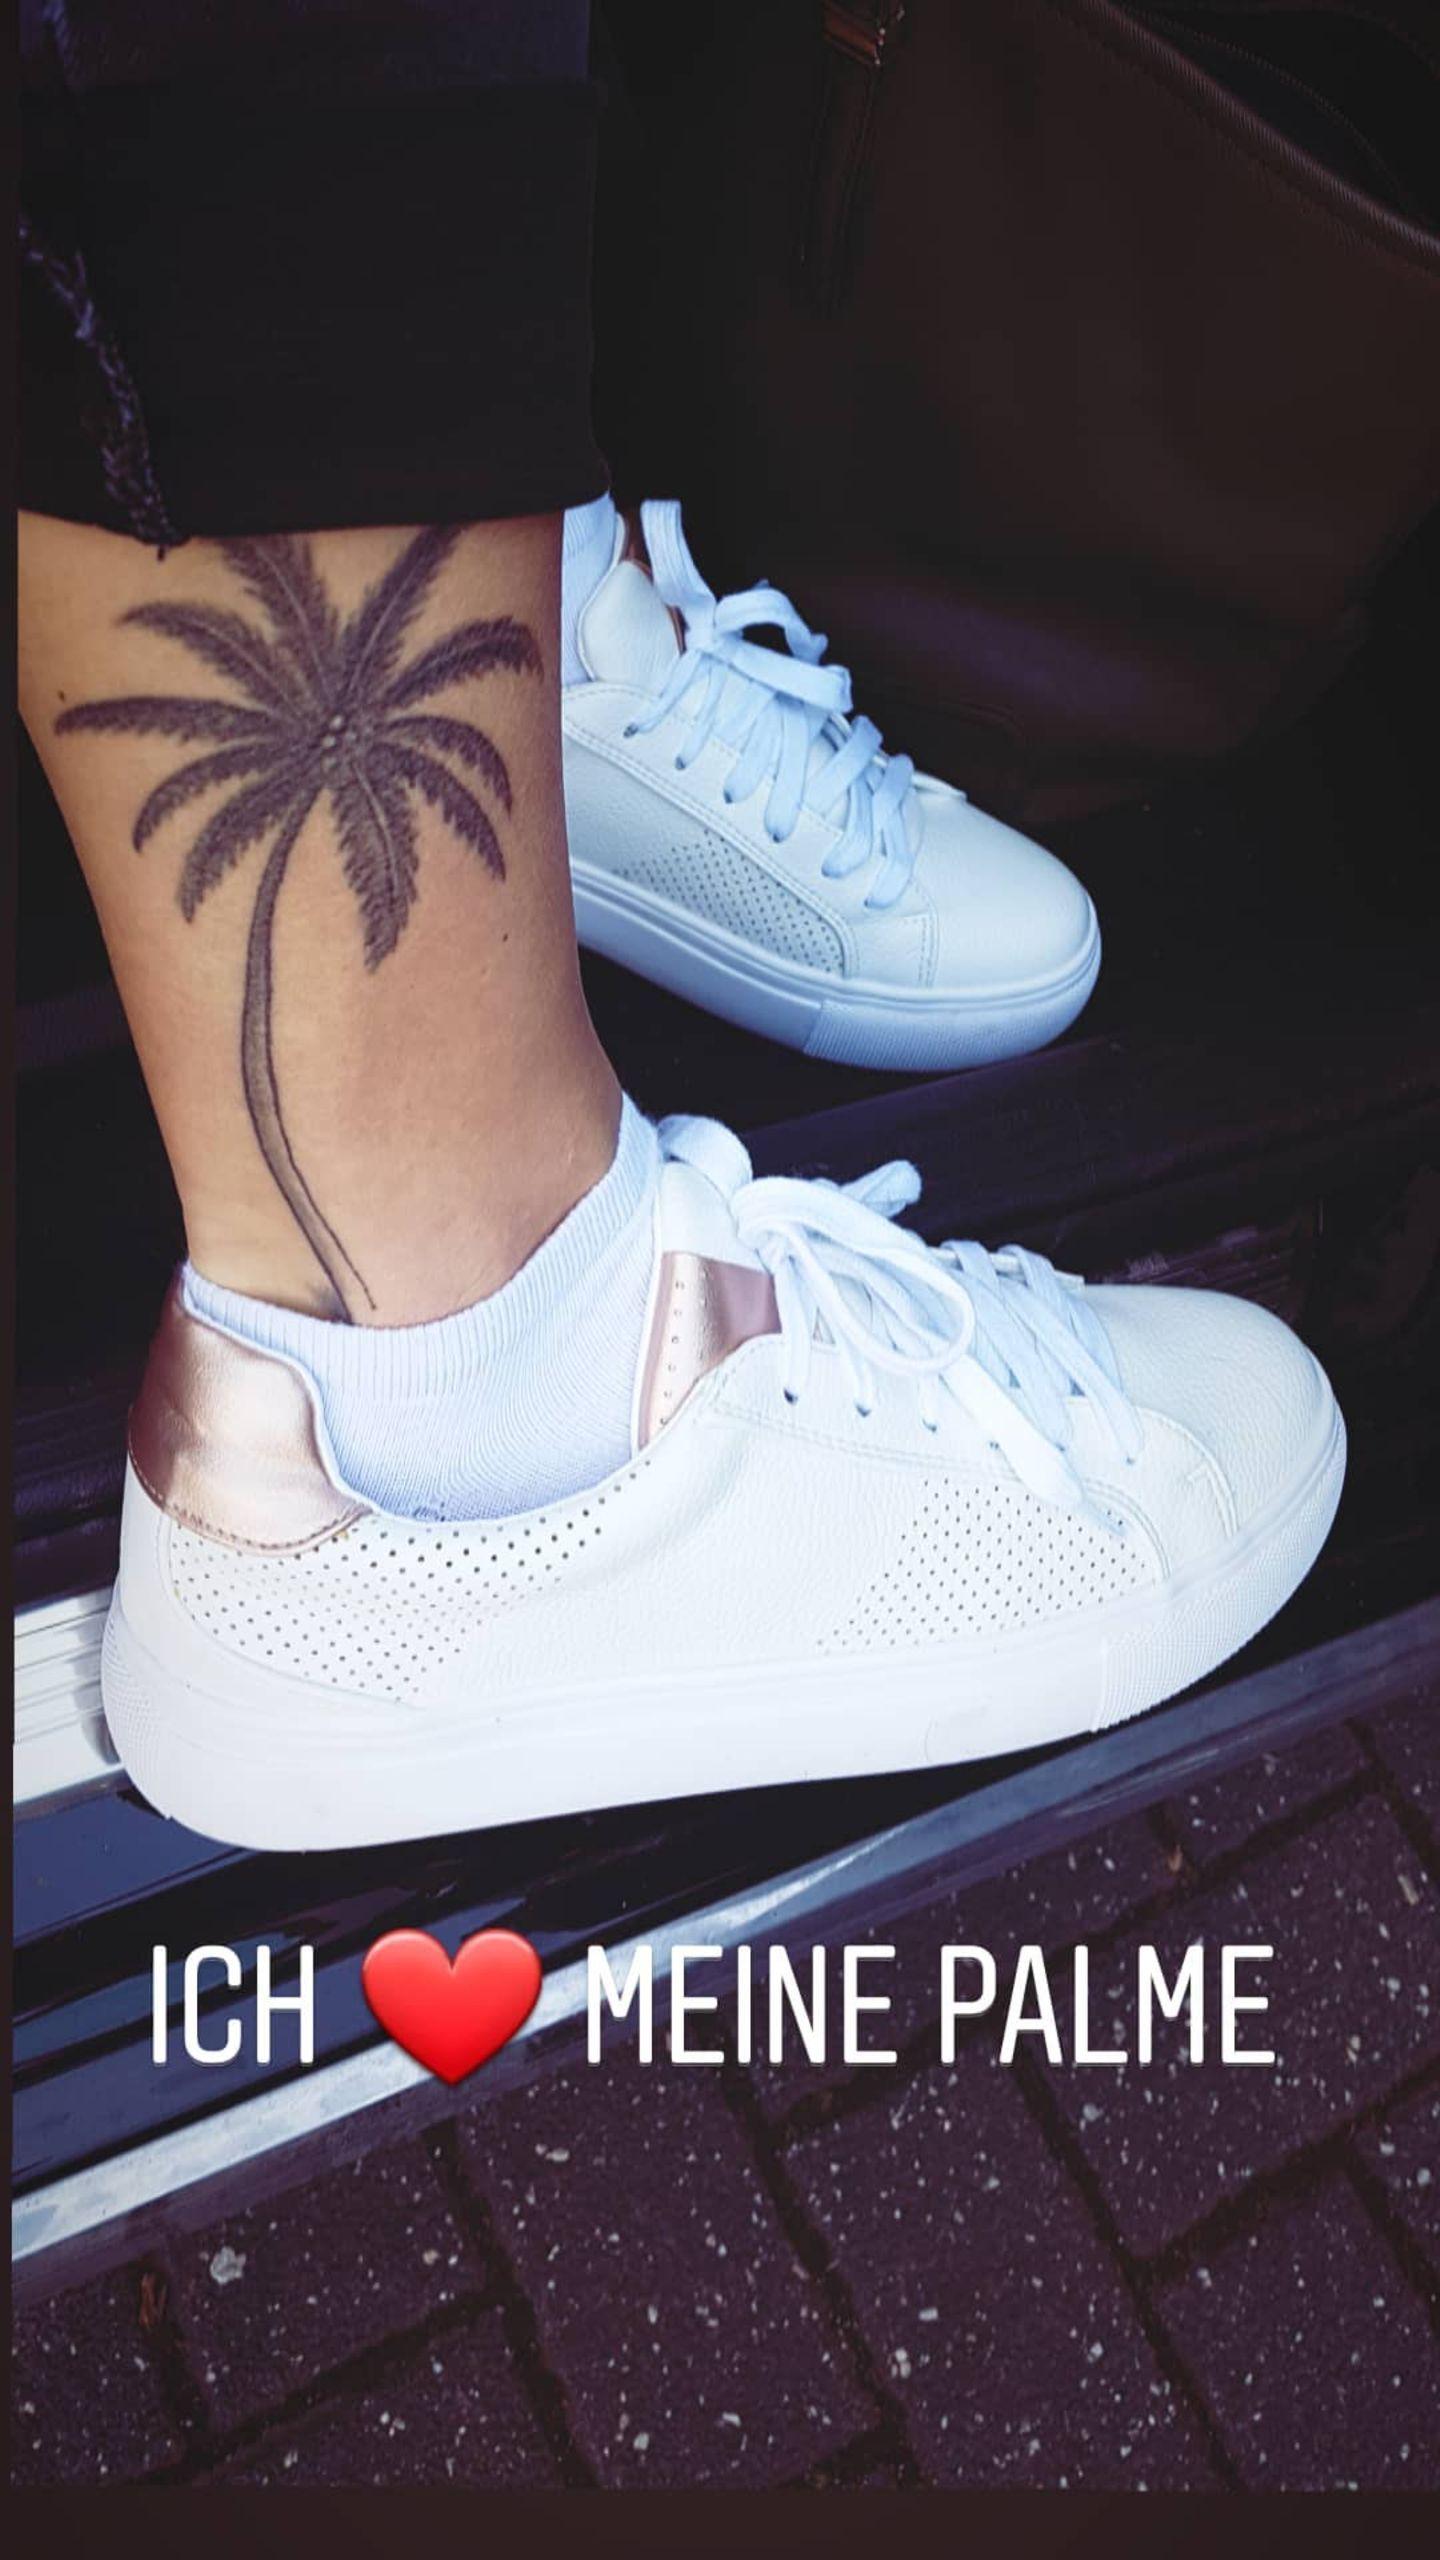 """Wer hier seine Palme liebt?  Die """"Bachelor""""-Gewinnerin 2019, Jennifer Lange, die fortan nun auch den Ex-BasketballprofiAndrej Mangold liebt. Neben ihrer Kurzhaarfrisur gehört ihr Palmen-Tattoo am rechten Bein zur ihren Markenzeichen."""